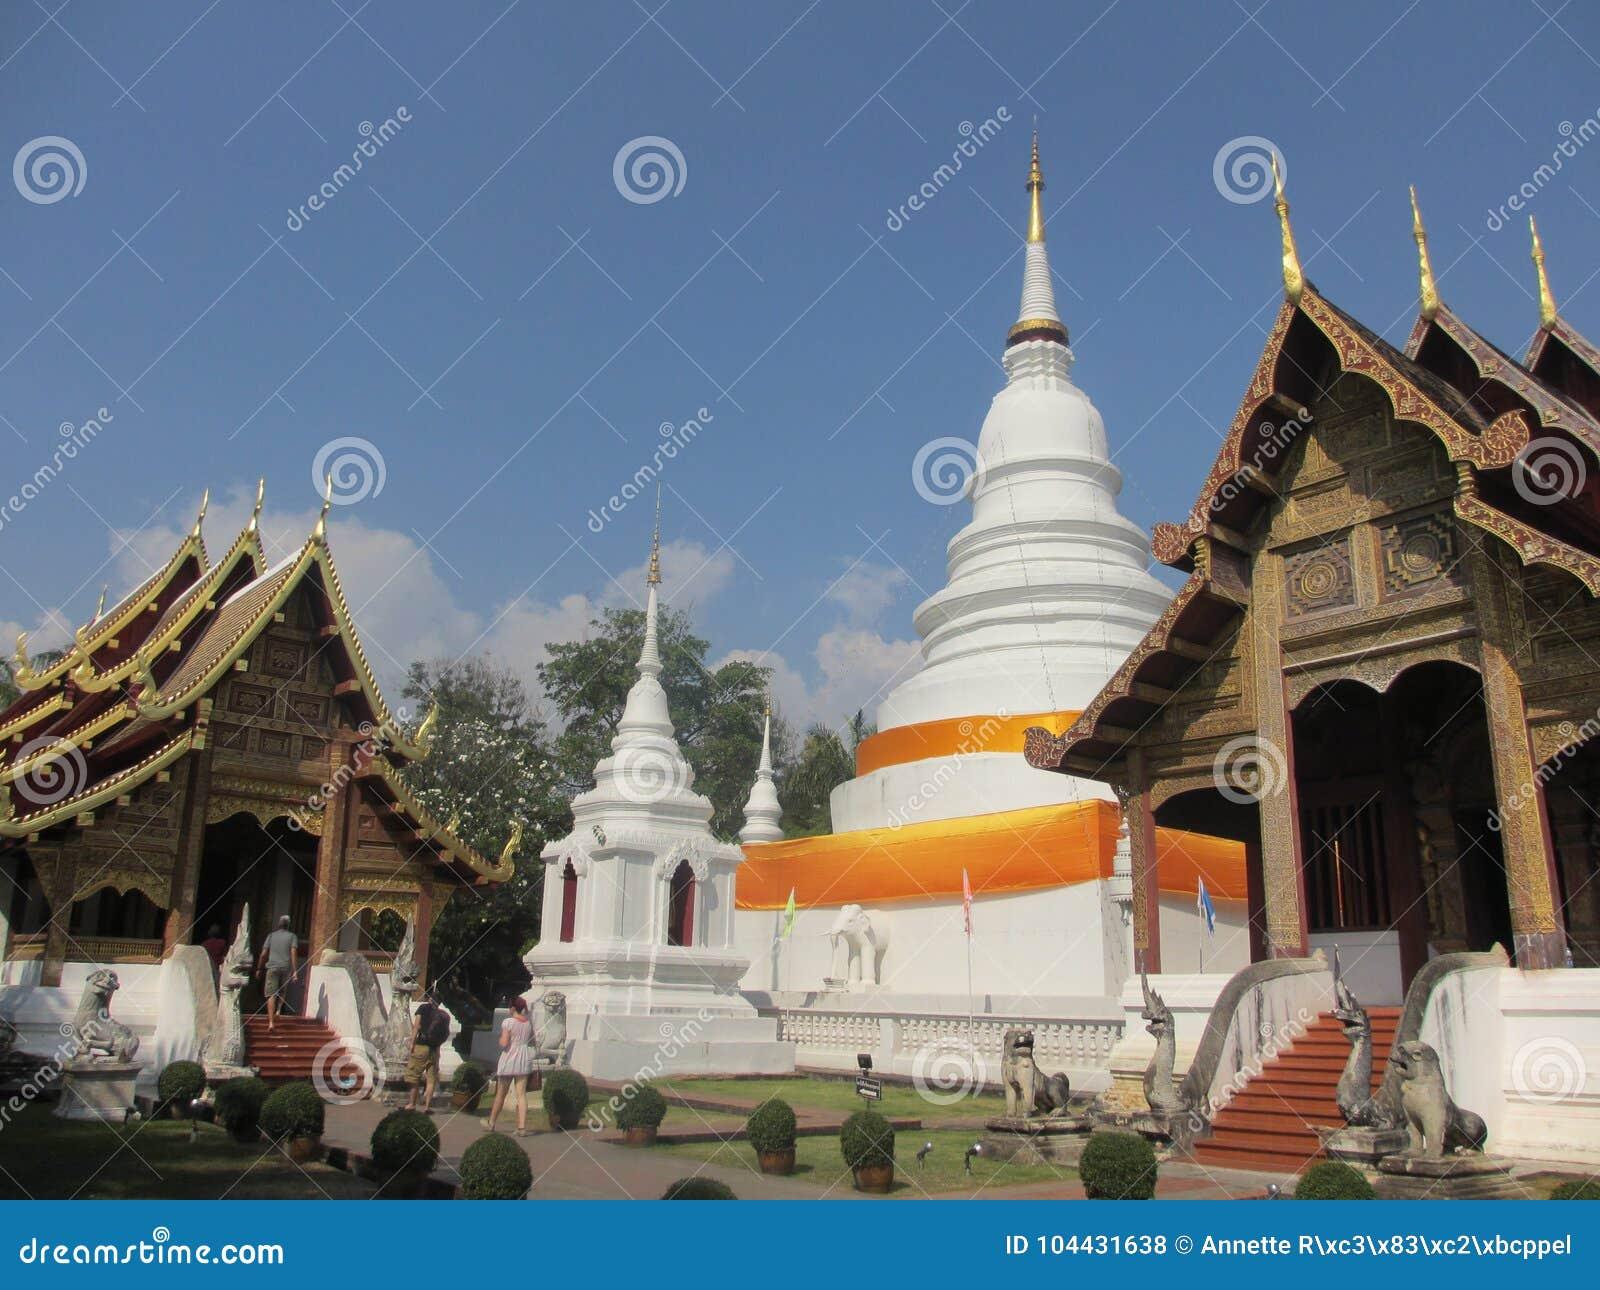 Kolorowa biała świątynia w Chiang Mai w Tajlandia, Azja